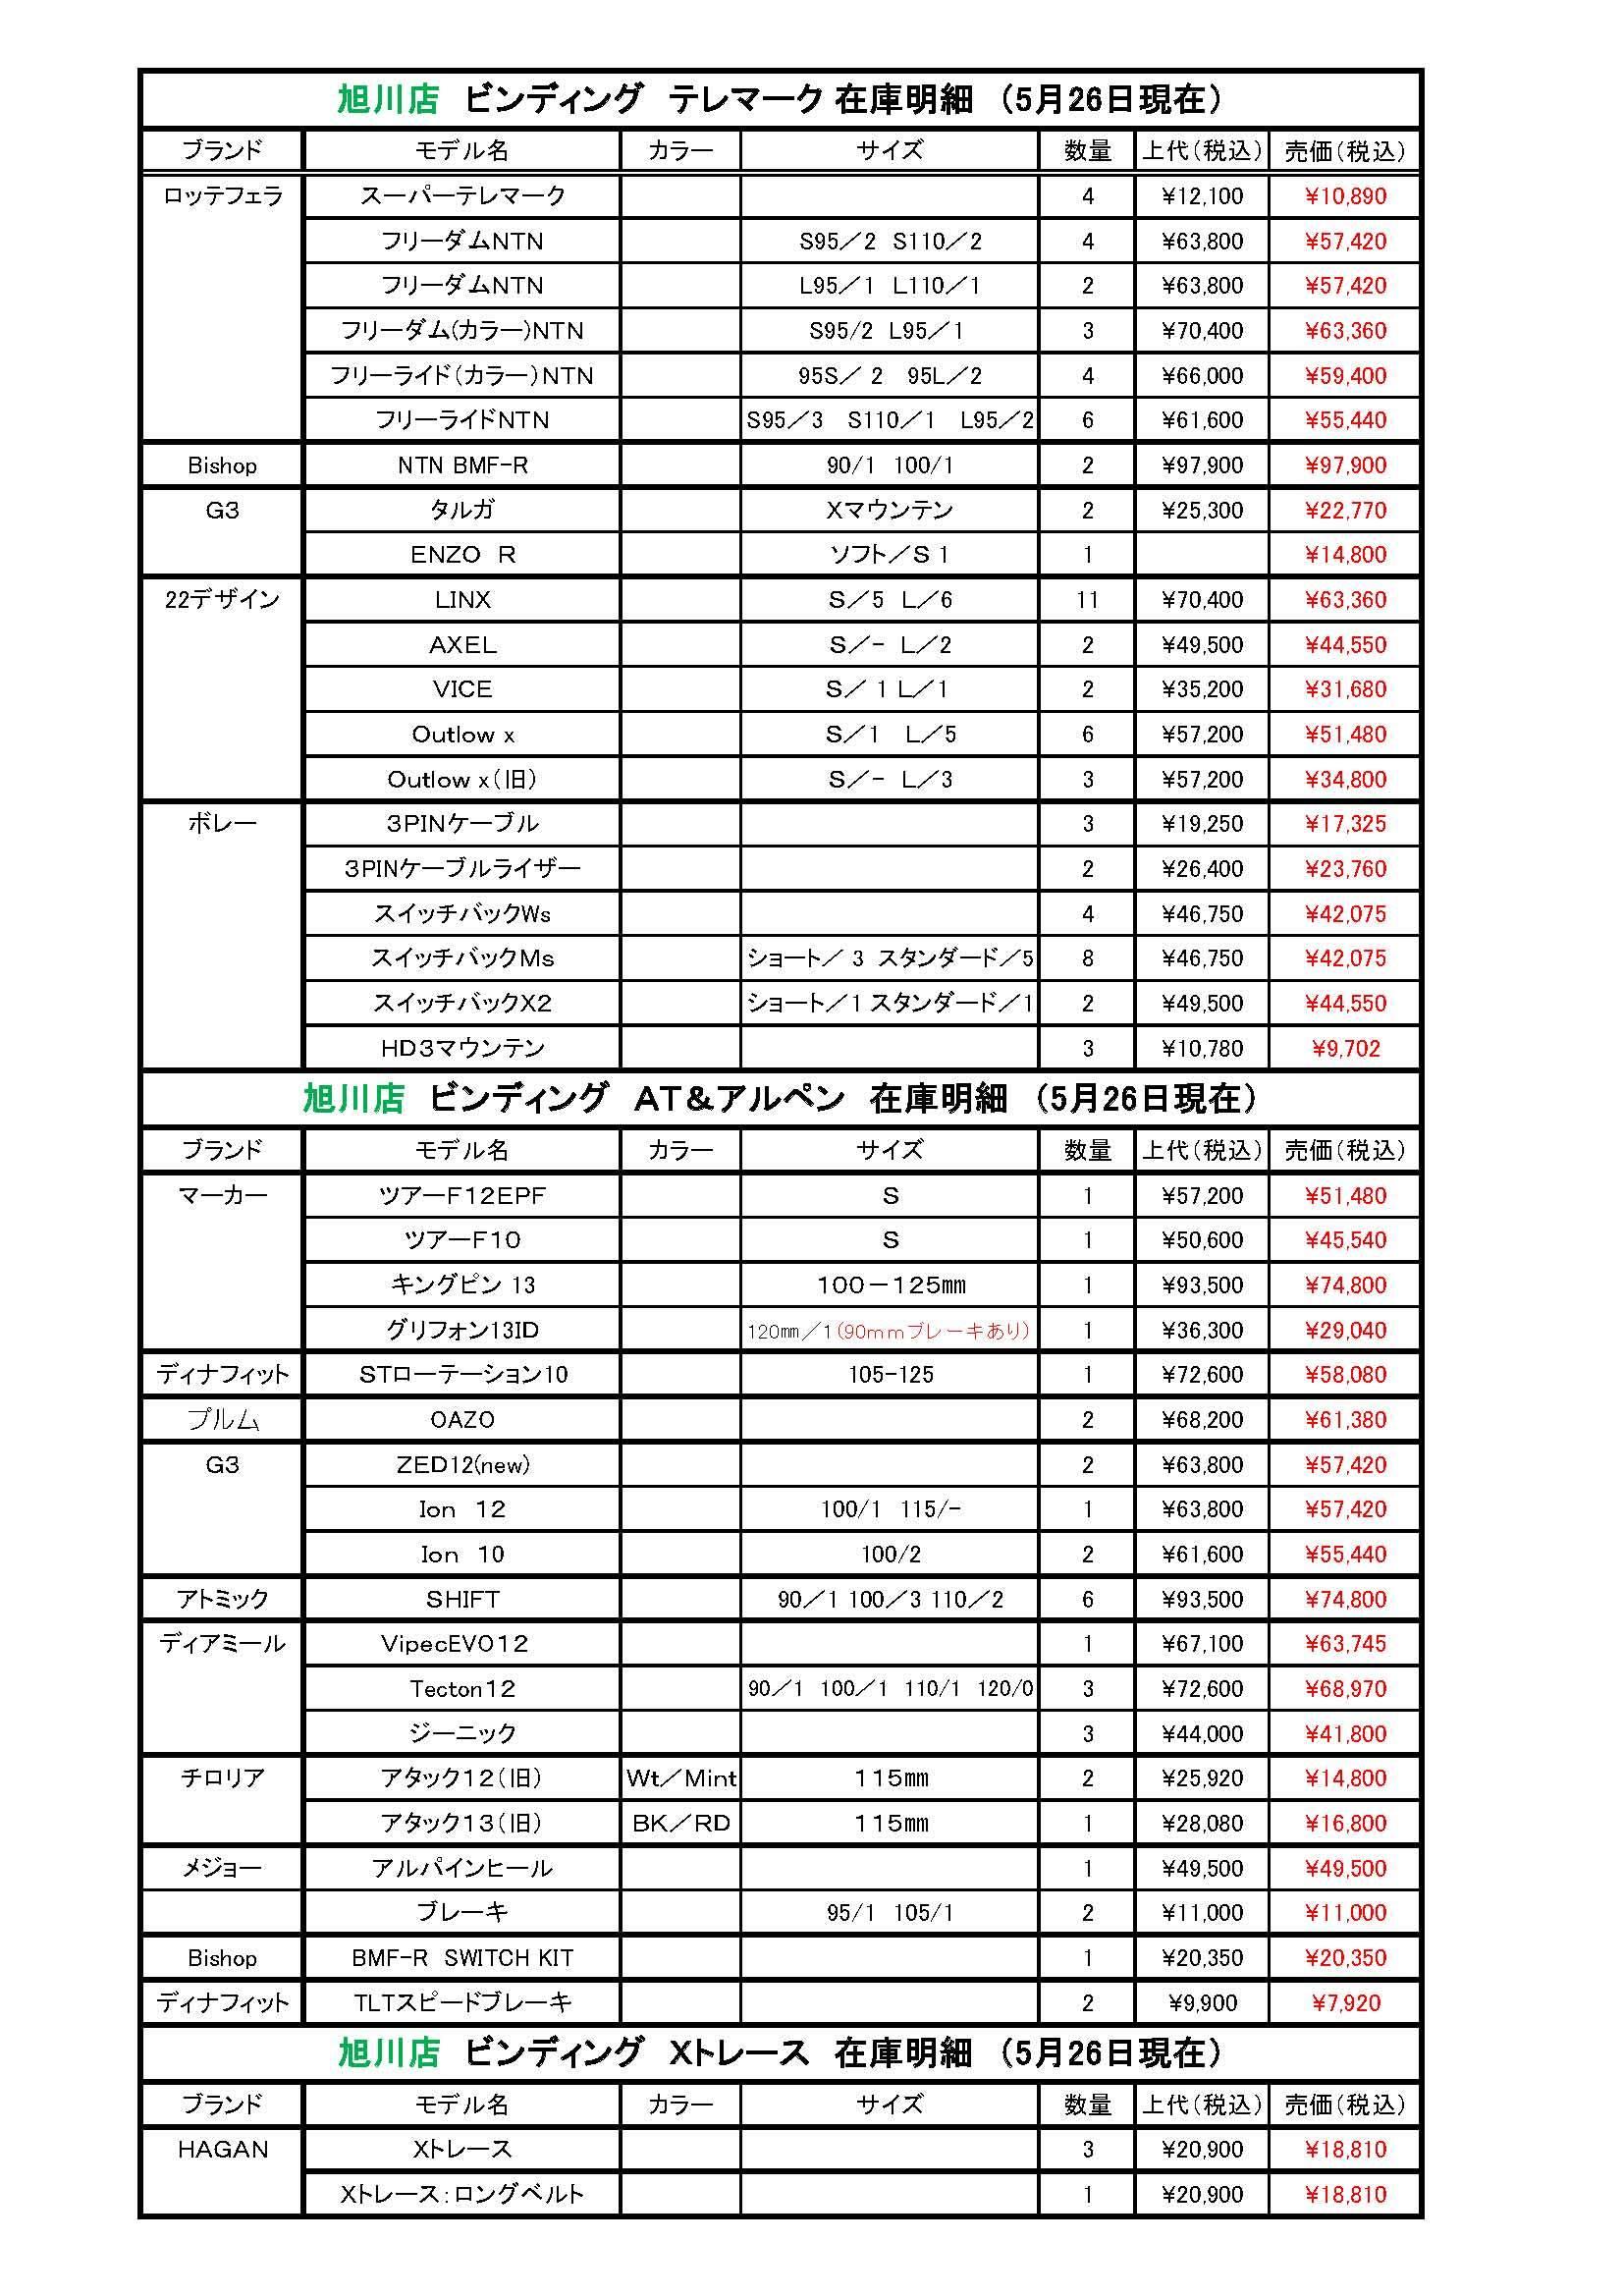 秀岳荘各店舗のスキー関係在庫状況です。_b0209862_16240438.jpg